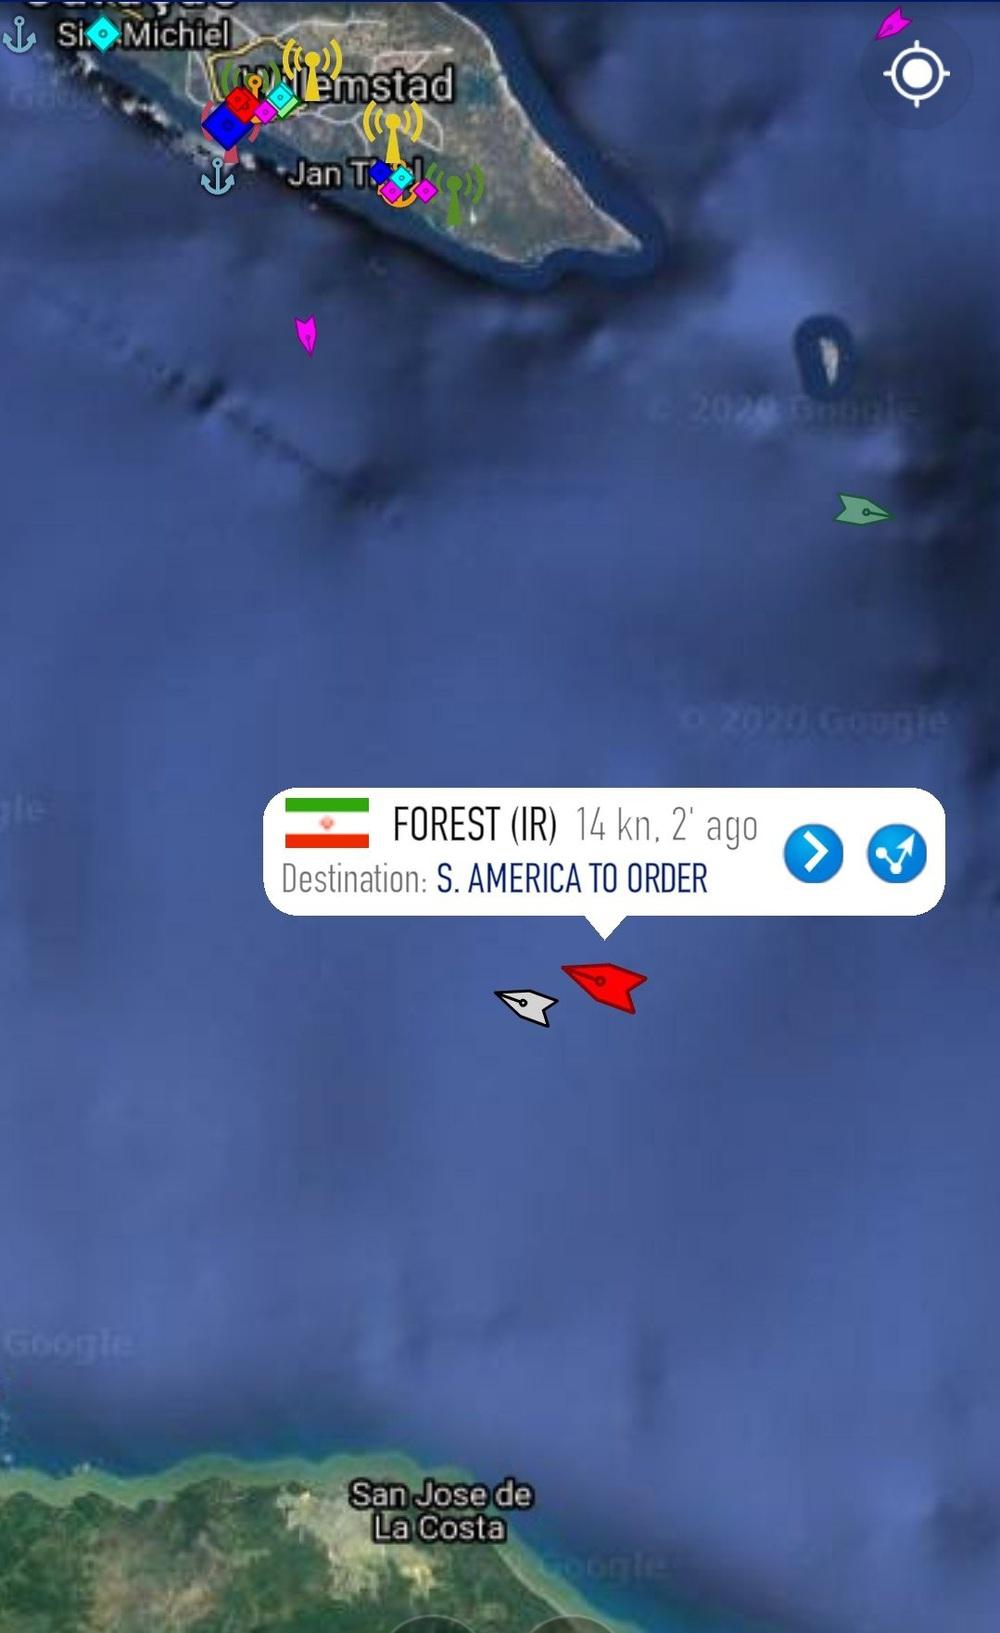 NÓNG: Liên tiếp đột phá, tỷ số sắp là 3-0, Venezuela-Iran dẫn trước - Cái gọi là vòng vây của Hải quân Mỹ rách toang? - Ảnh 10.